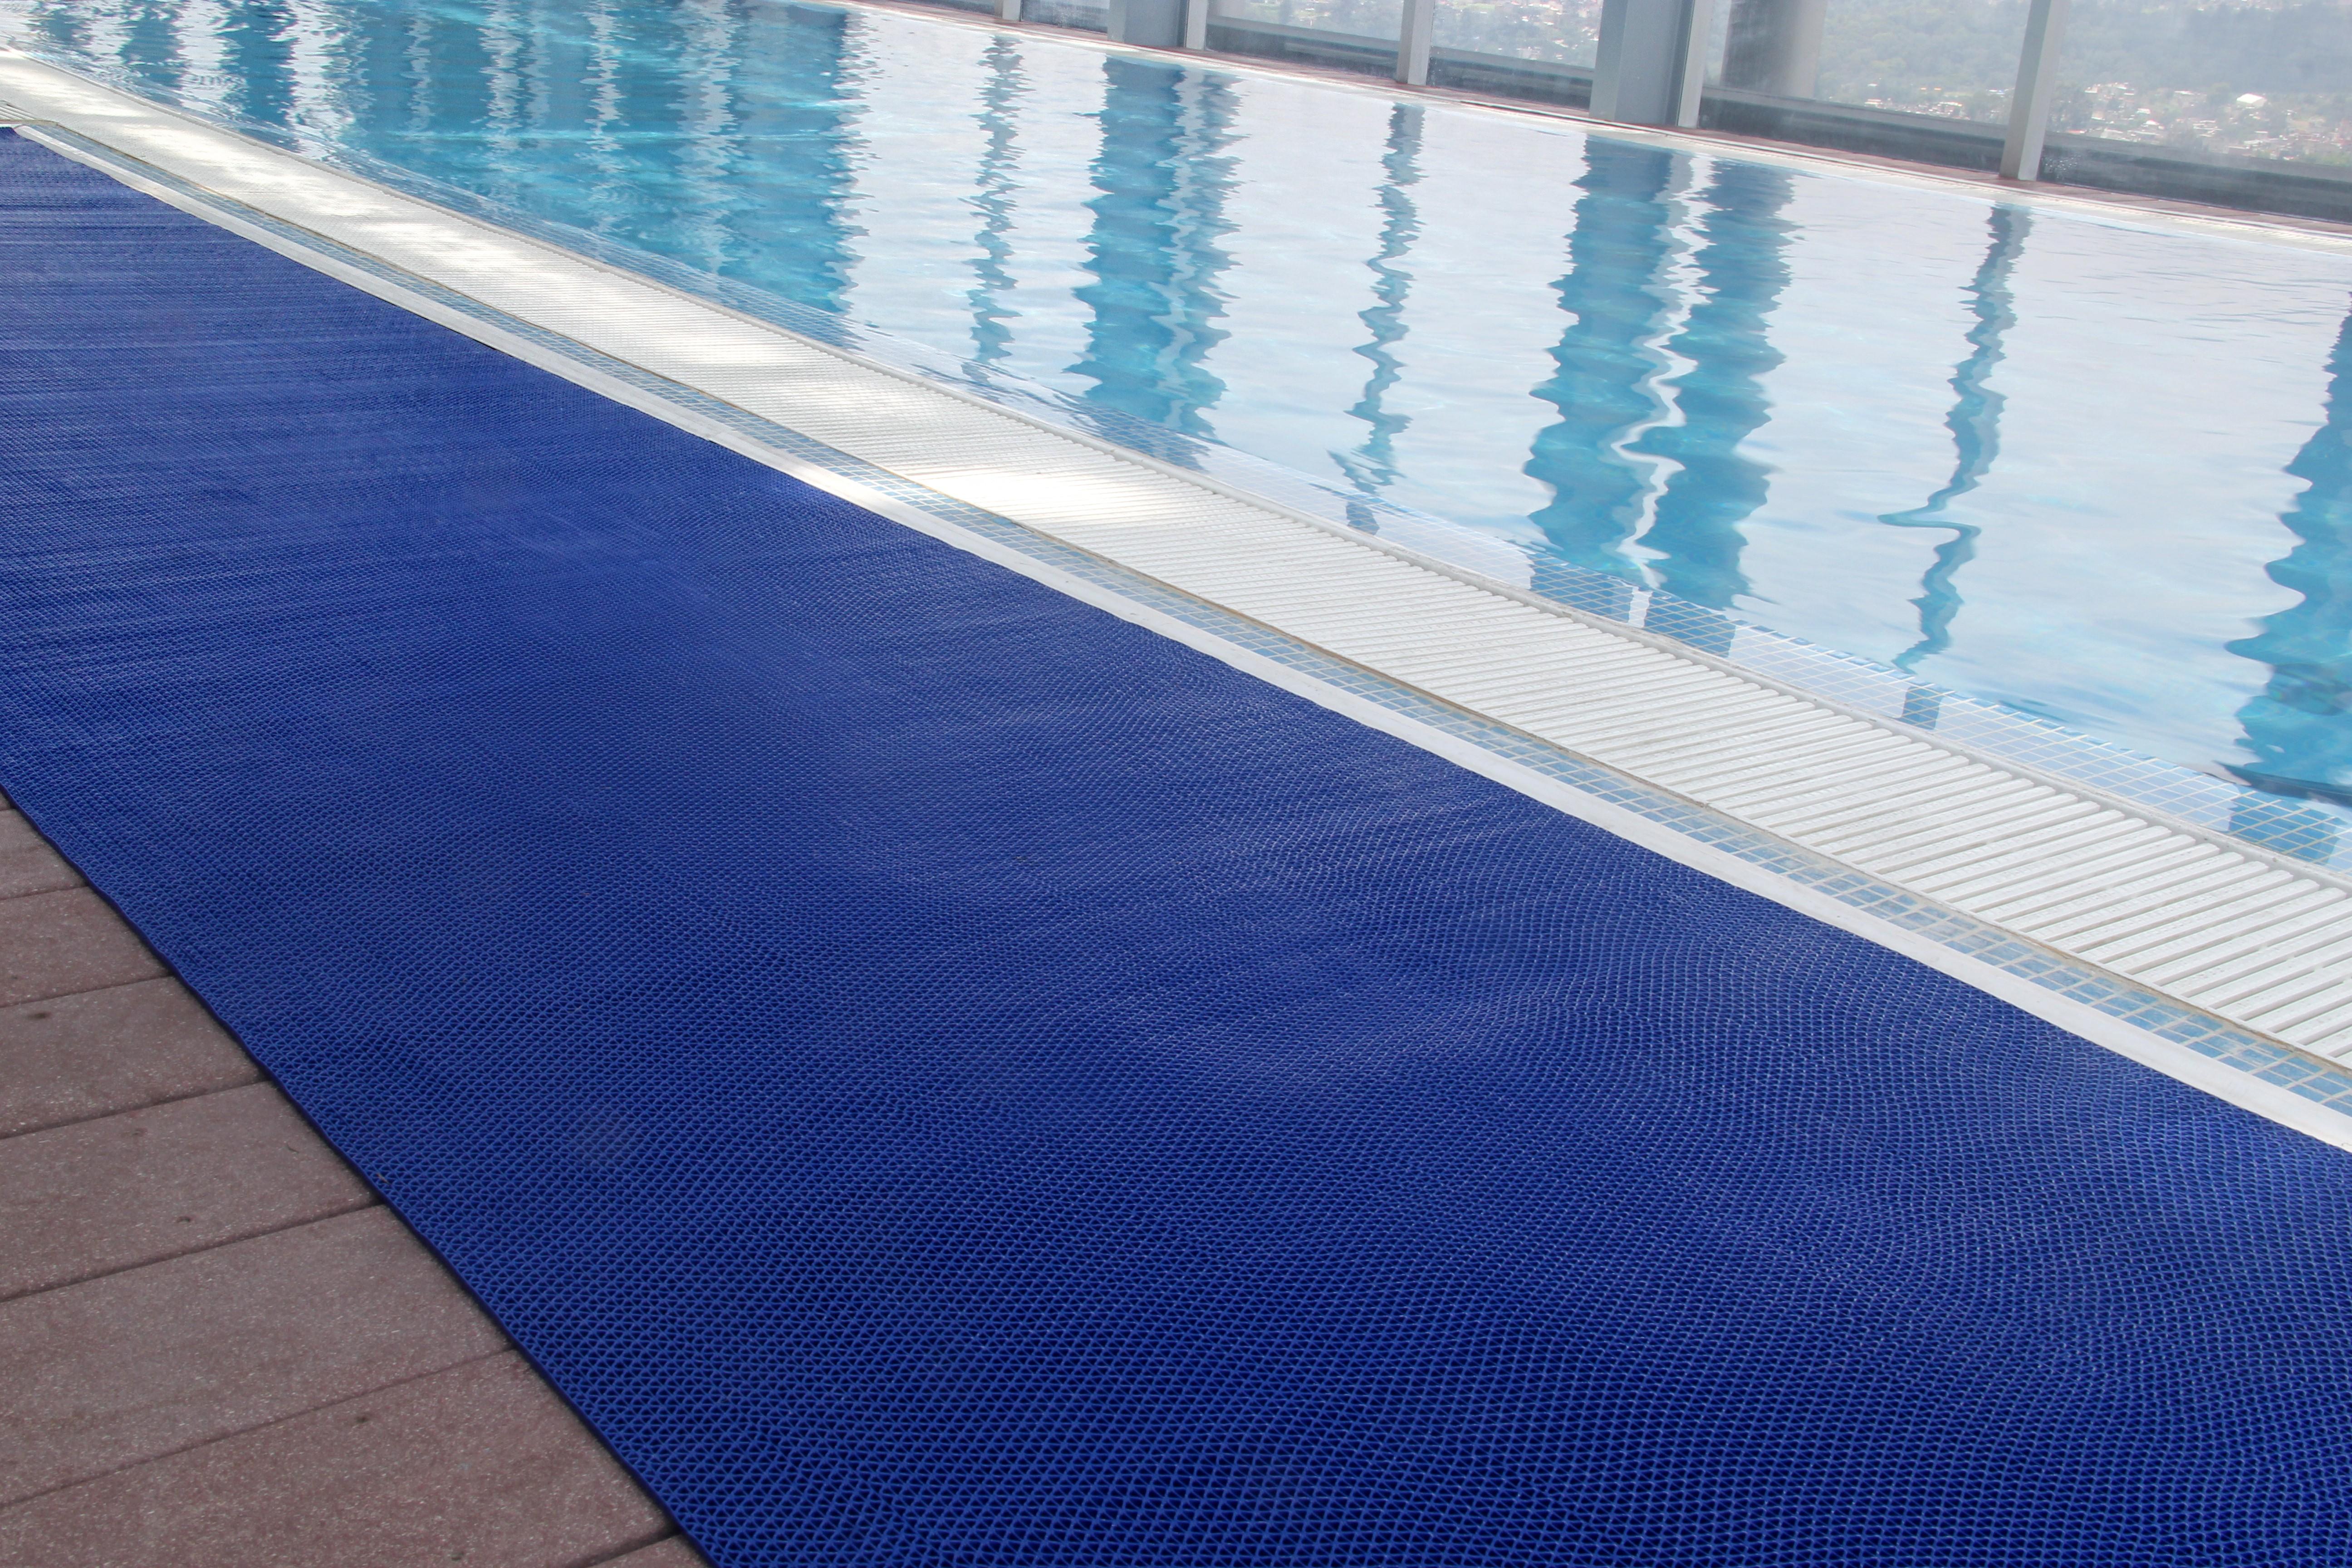 Pool Mats Wet Zone - Floor Mat Specialists